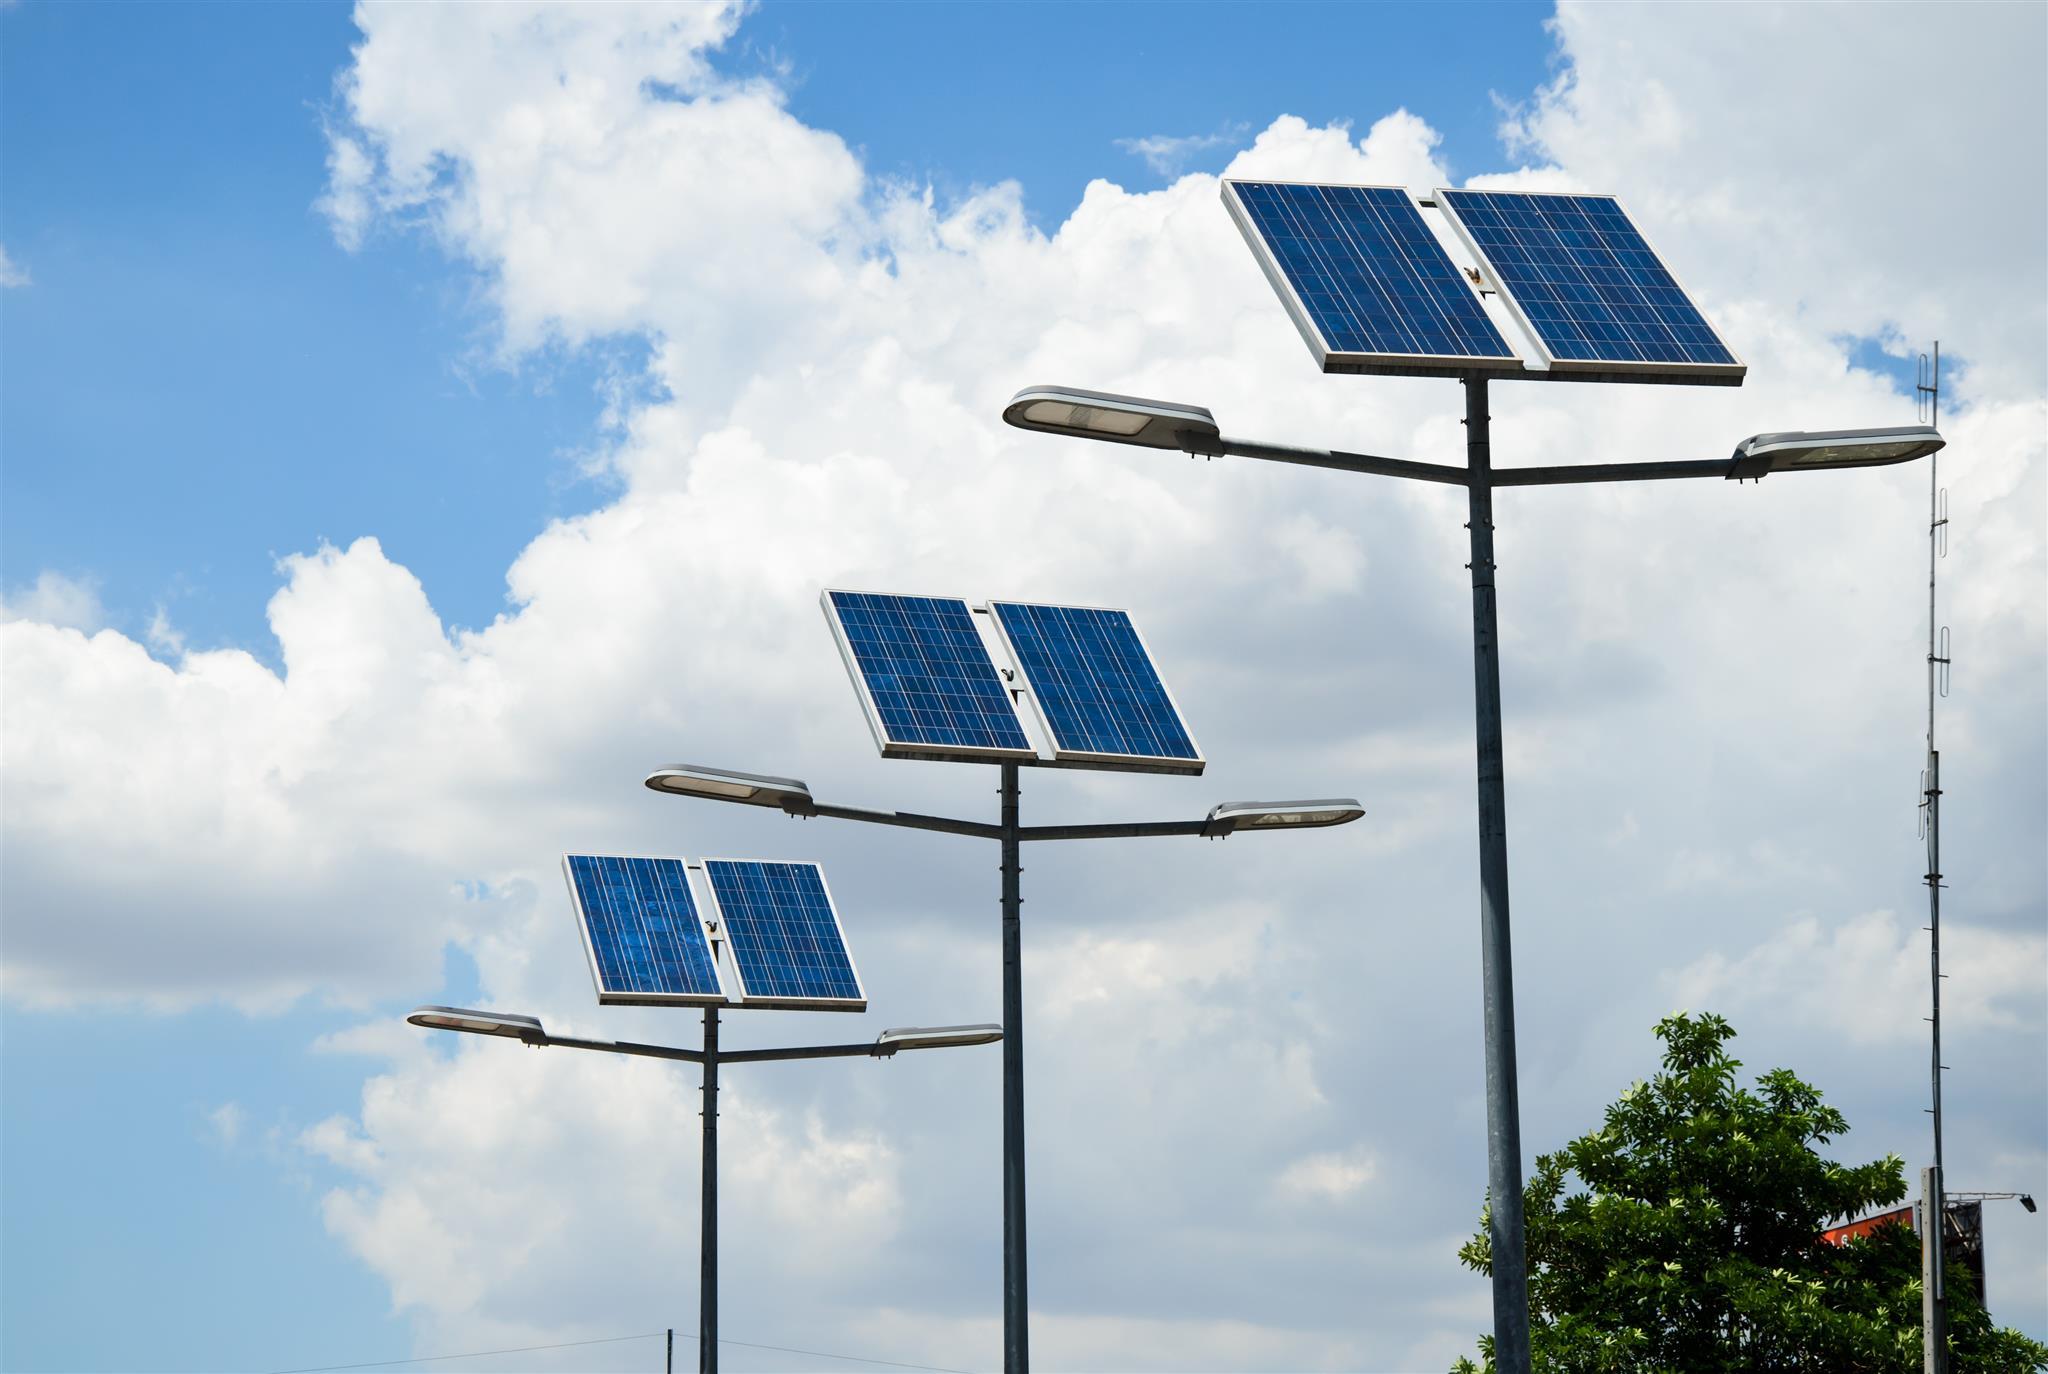 kit-de-energia-solar-_-postes-solares